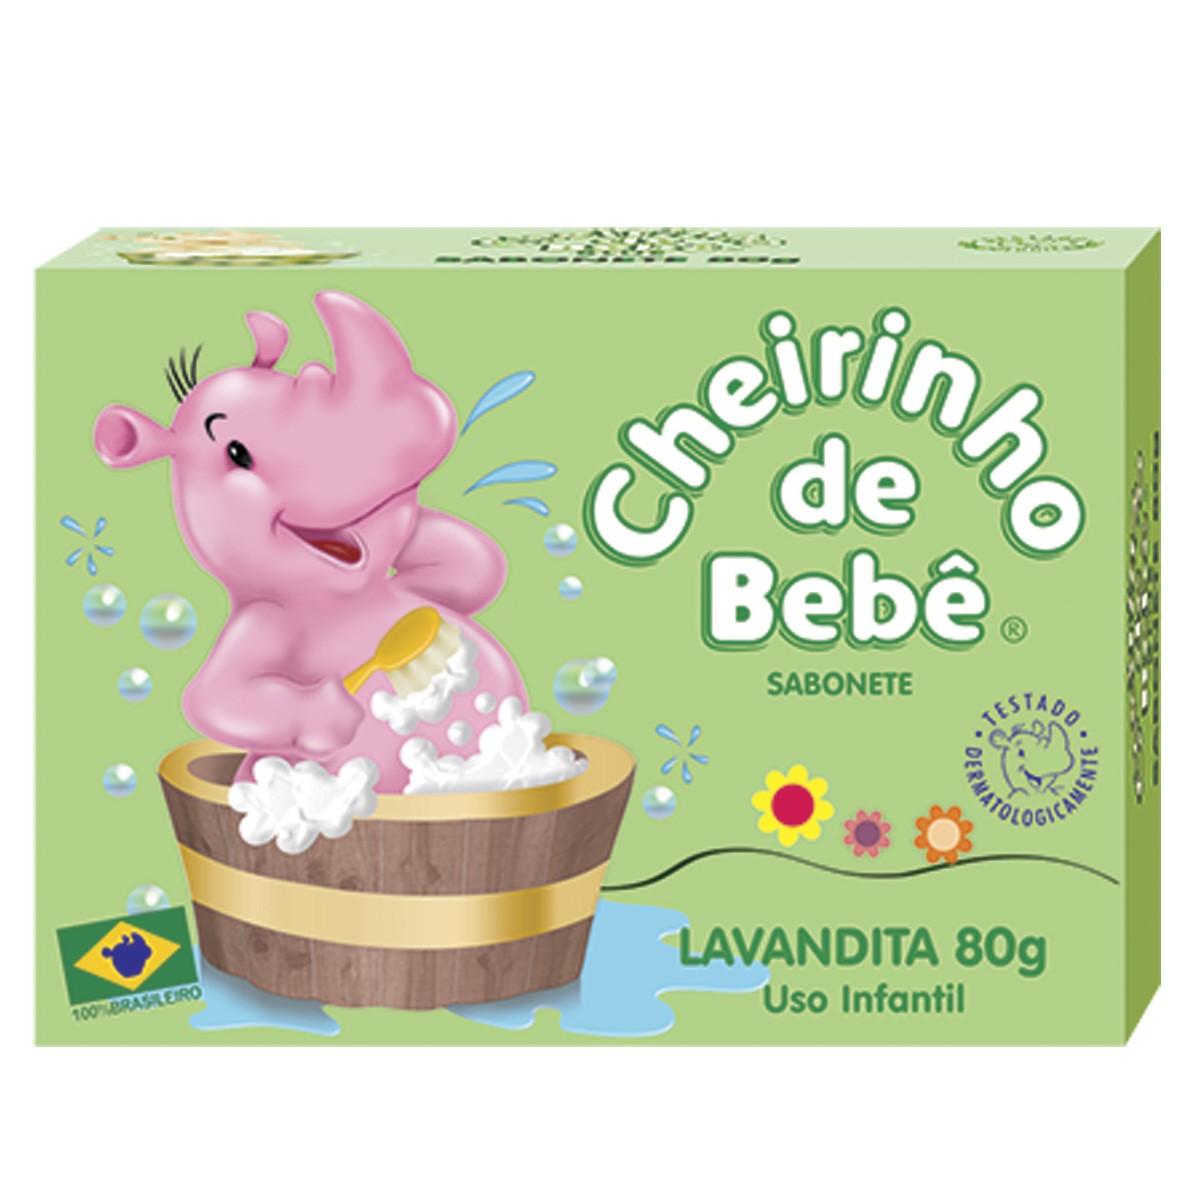 Sabonete Cheirinho de Bebê Lavandita 80g